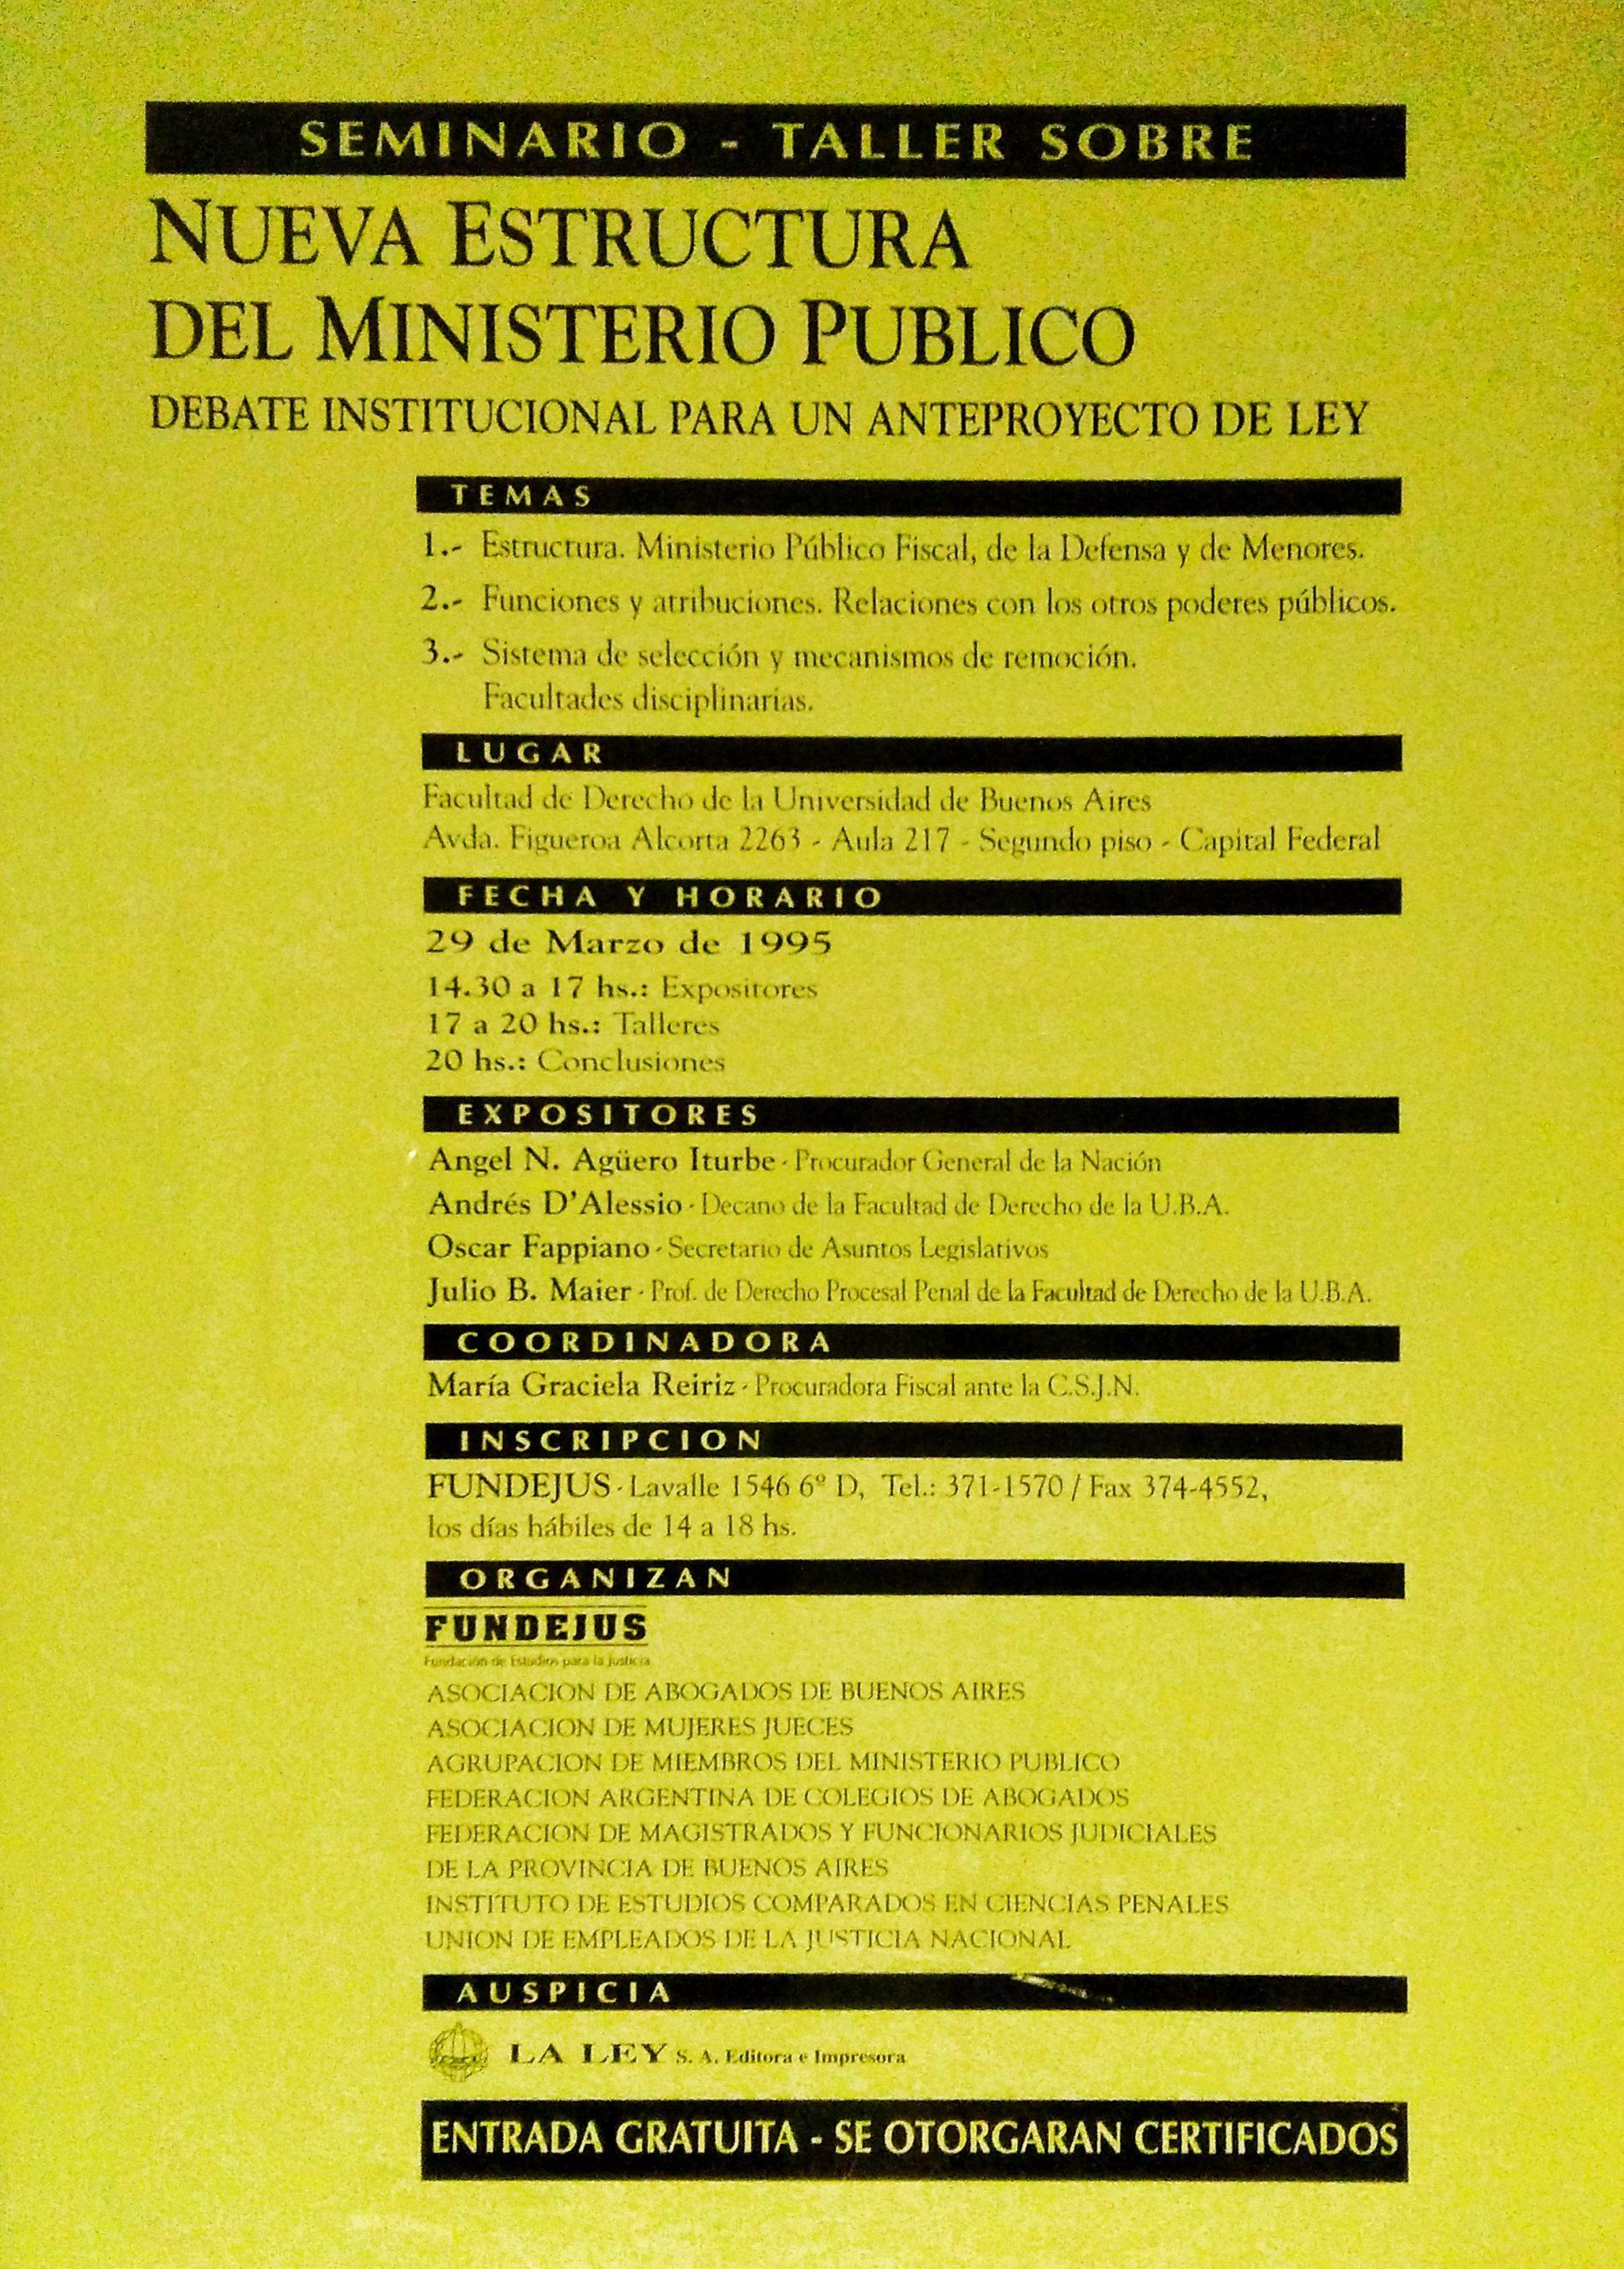 «SEMINARIO SOBRE: NUEVA ESTRUCTURA DEL MINISTERIO PÚBLICO»